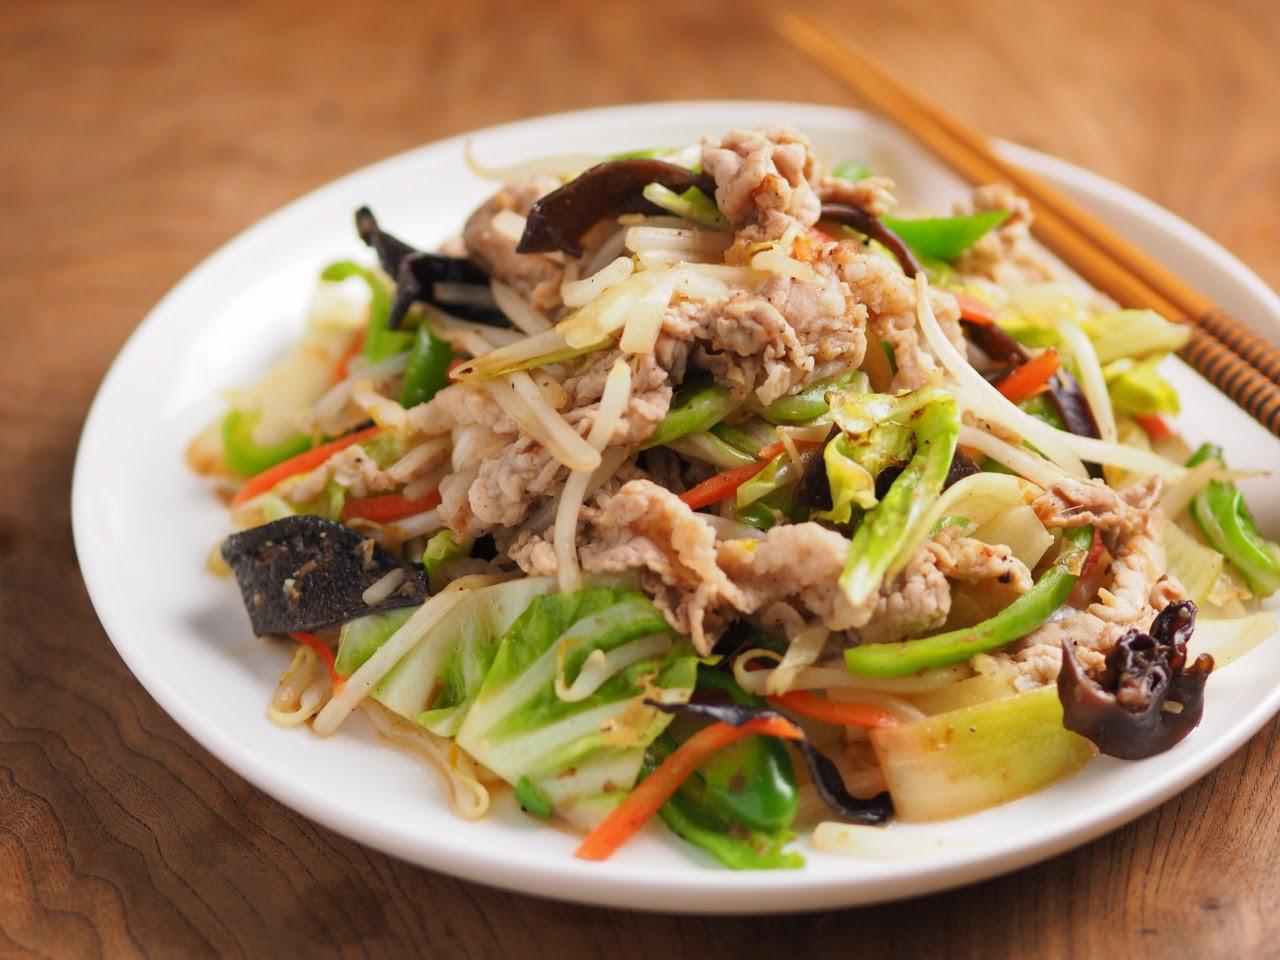 肉の旨味で野菜が美味しい!パクパク食べられる肉野菜炒めのレシピのサムネイル画像